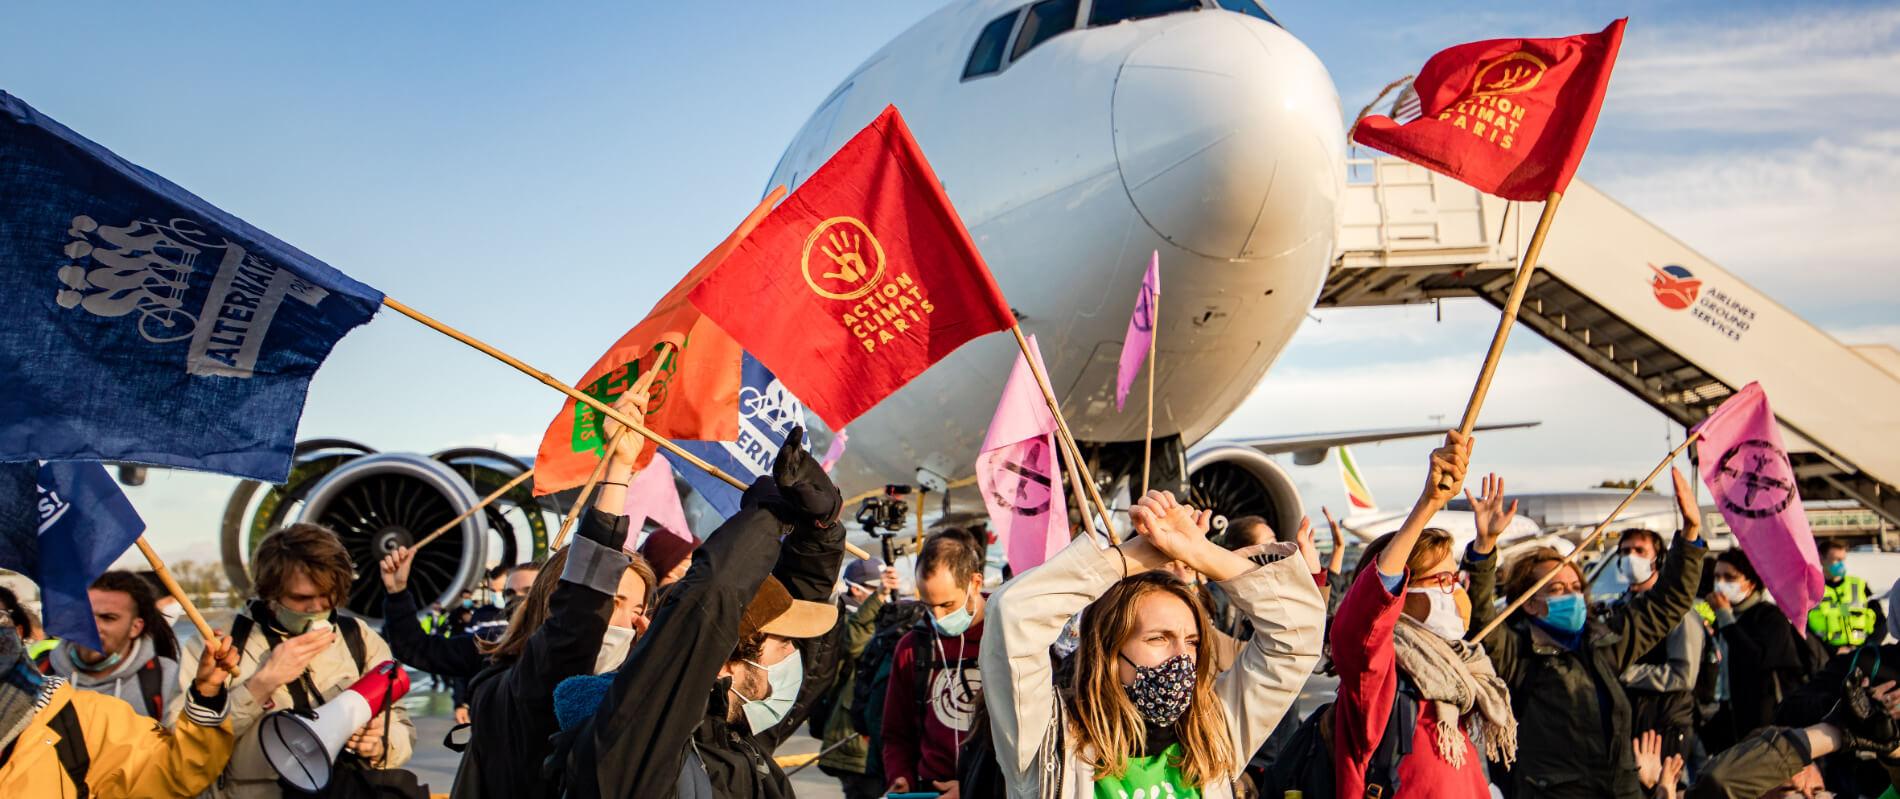 Marche sur les aéroports le 3 octobre 2020 - activistes sur le Tarmac de Roissy - Charles de Gaulle  Crédit photo : Julien Helaine